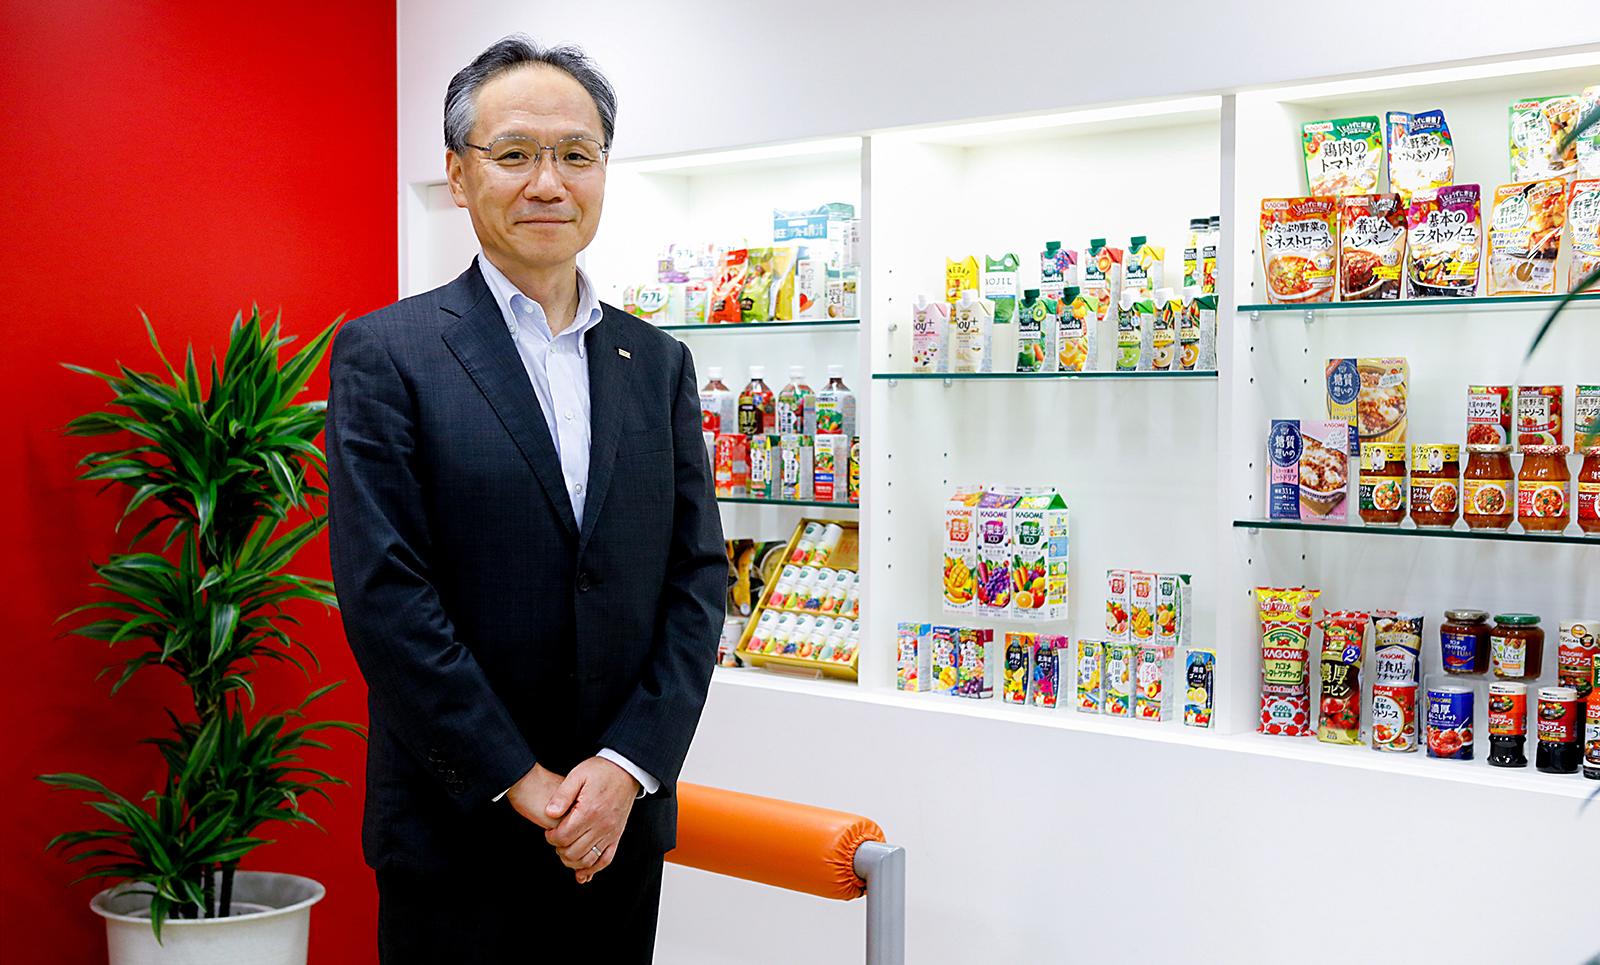 カゴメ株式会社 代表取締役社長 山口聡さん